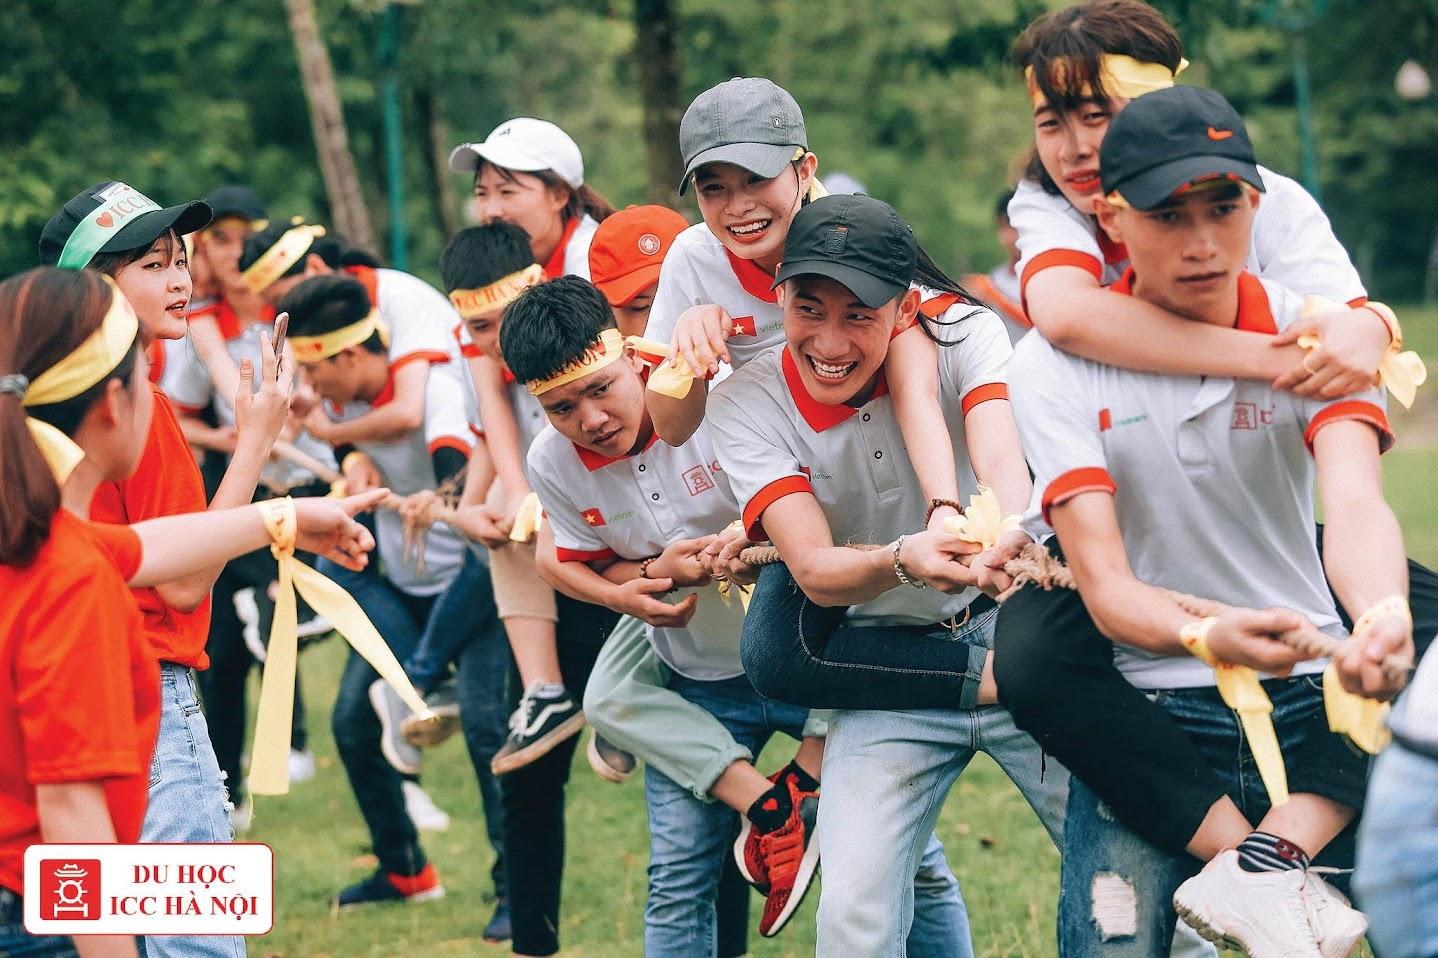 ICC Hà Nội tổ chức dã ngoại cho học viên 2018